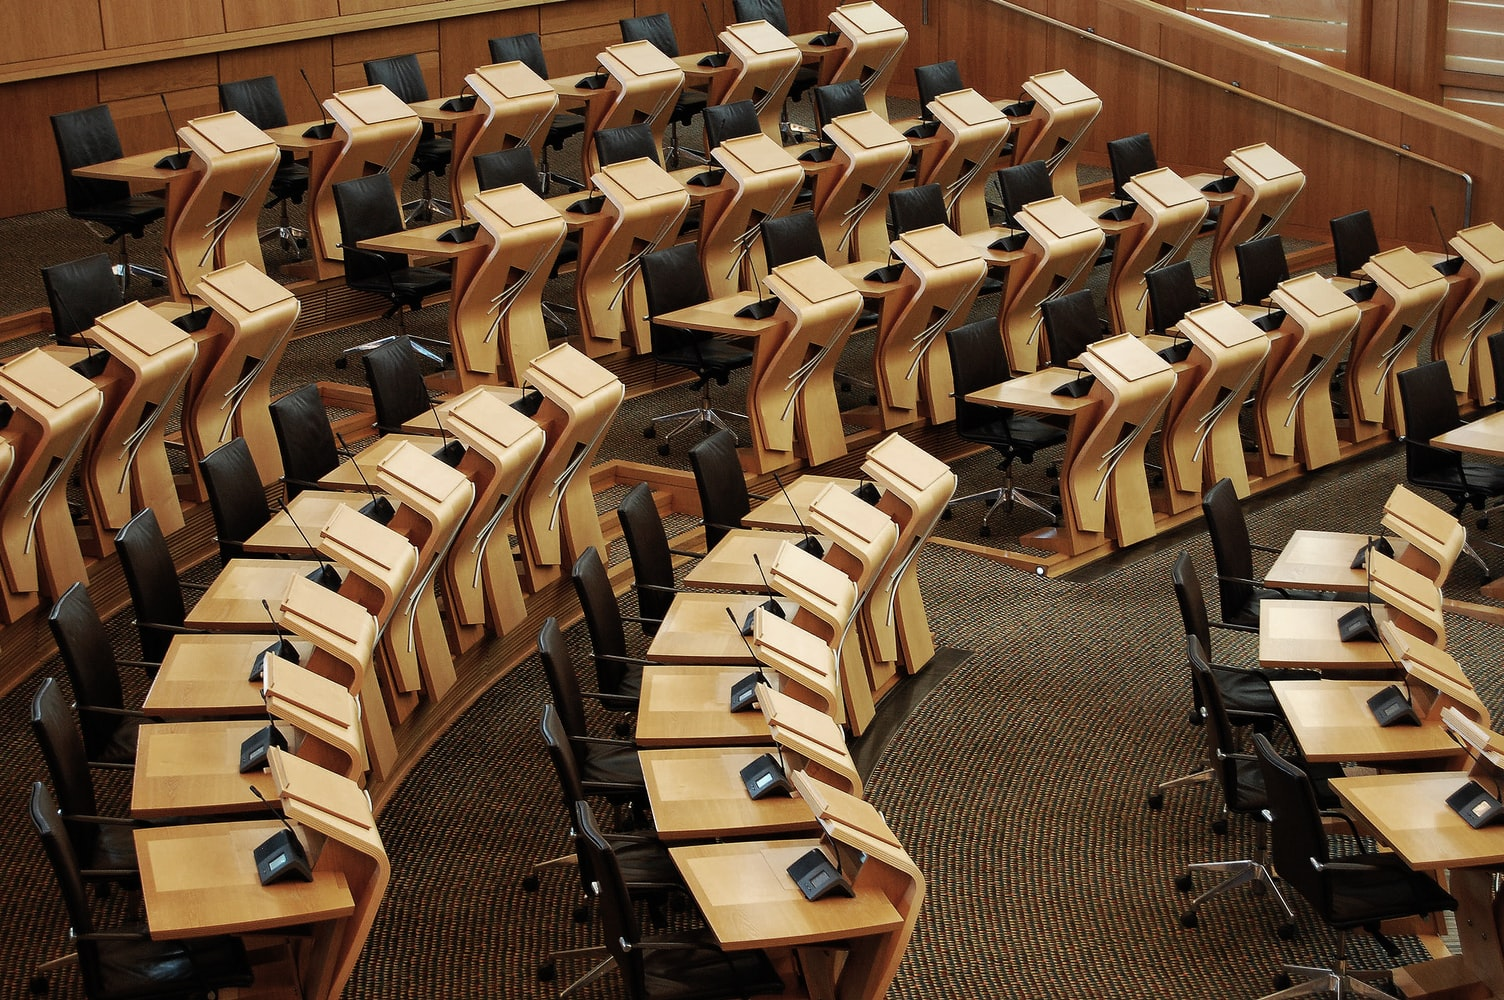 議会は無駄ばかりで本当に意味がない。てか議員って必要なの?